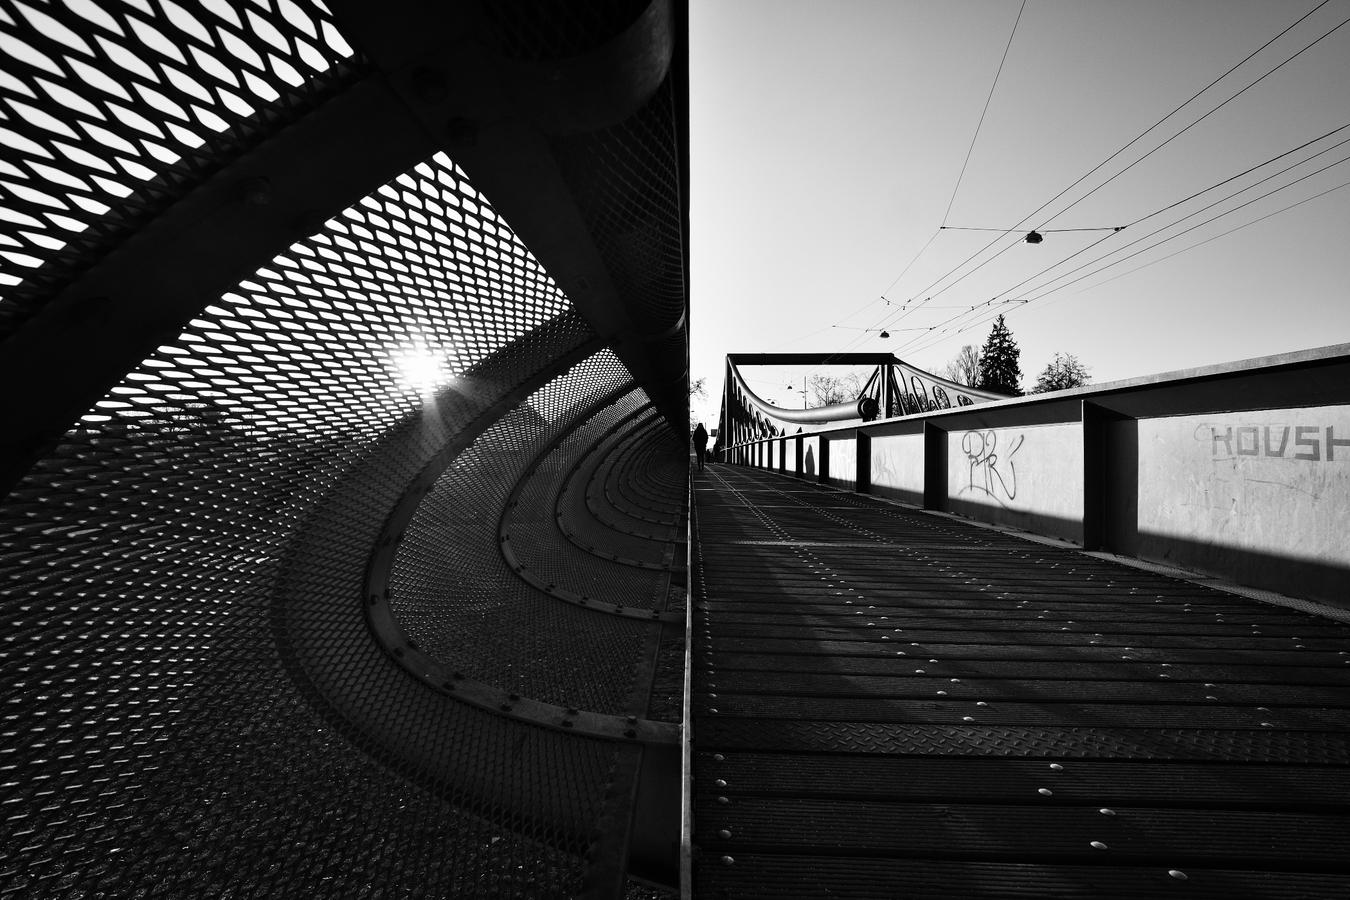 Dlouhý most ...